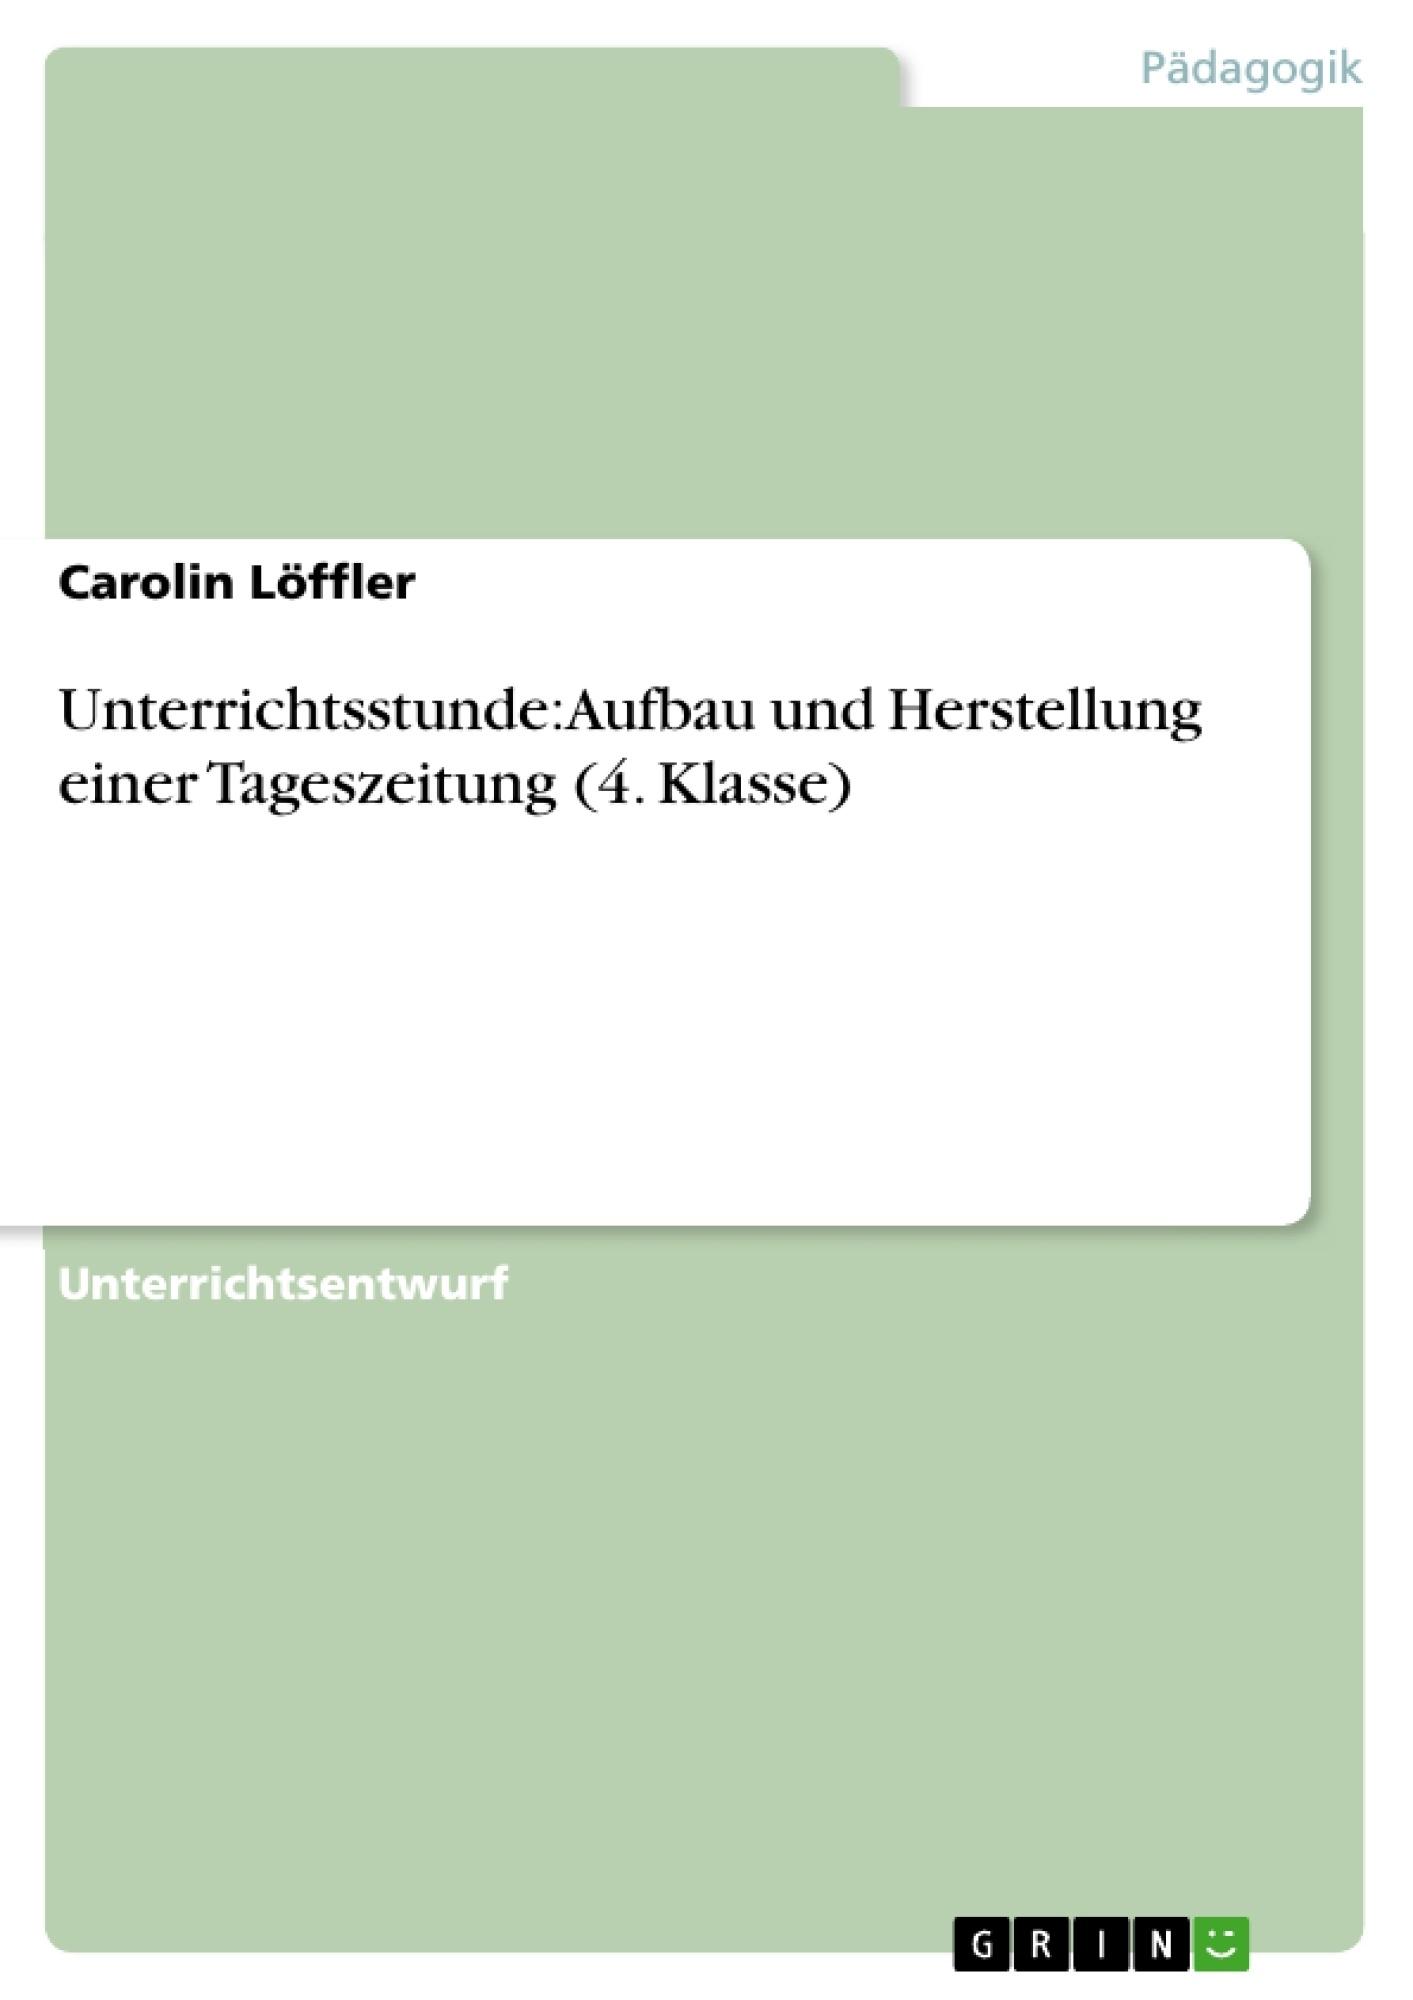 Titel: Unterrichtsstunde: Aufbau und Herstellung einer Tageszeitung (4. Klasse)